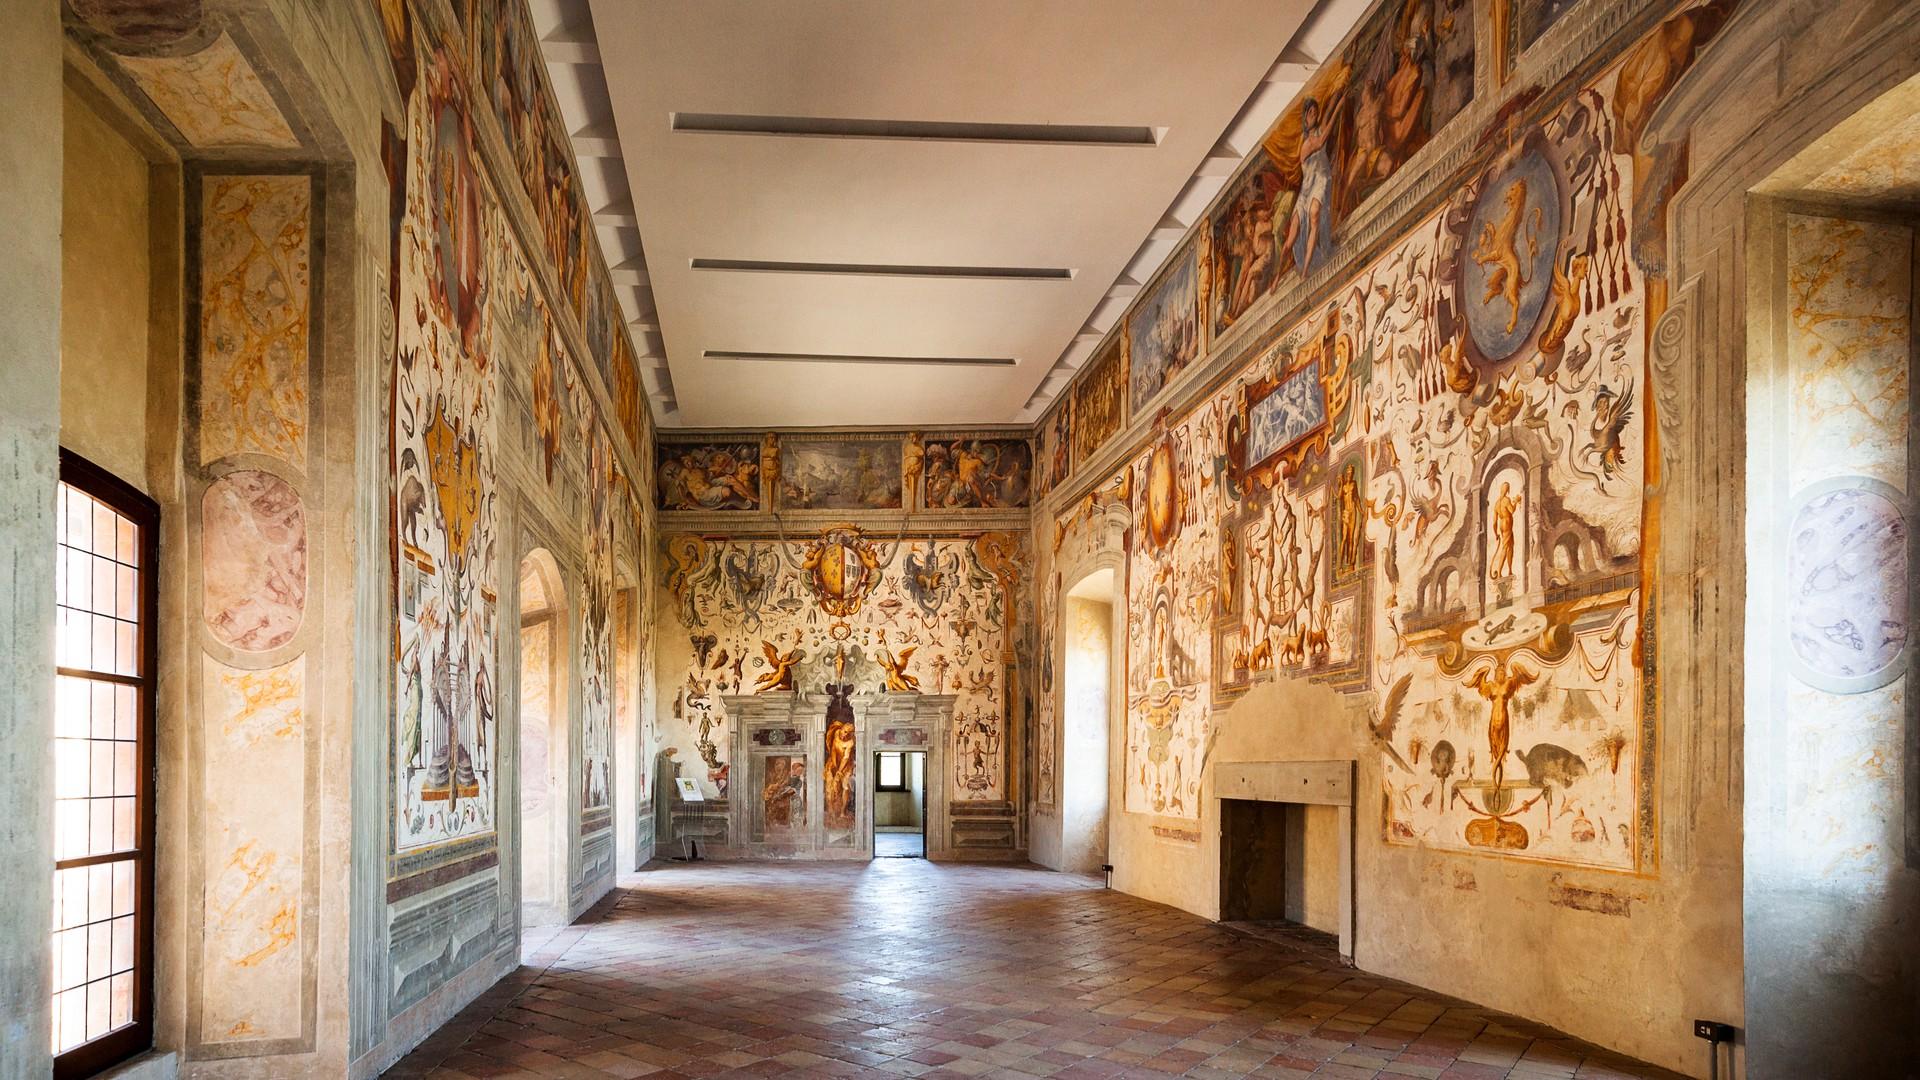 Castle of Torrechiara (Langhirano, PR) - Grotesque